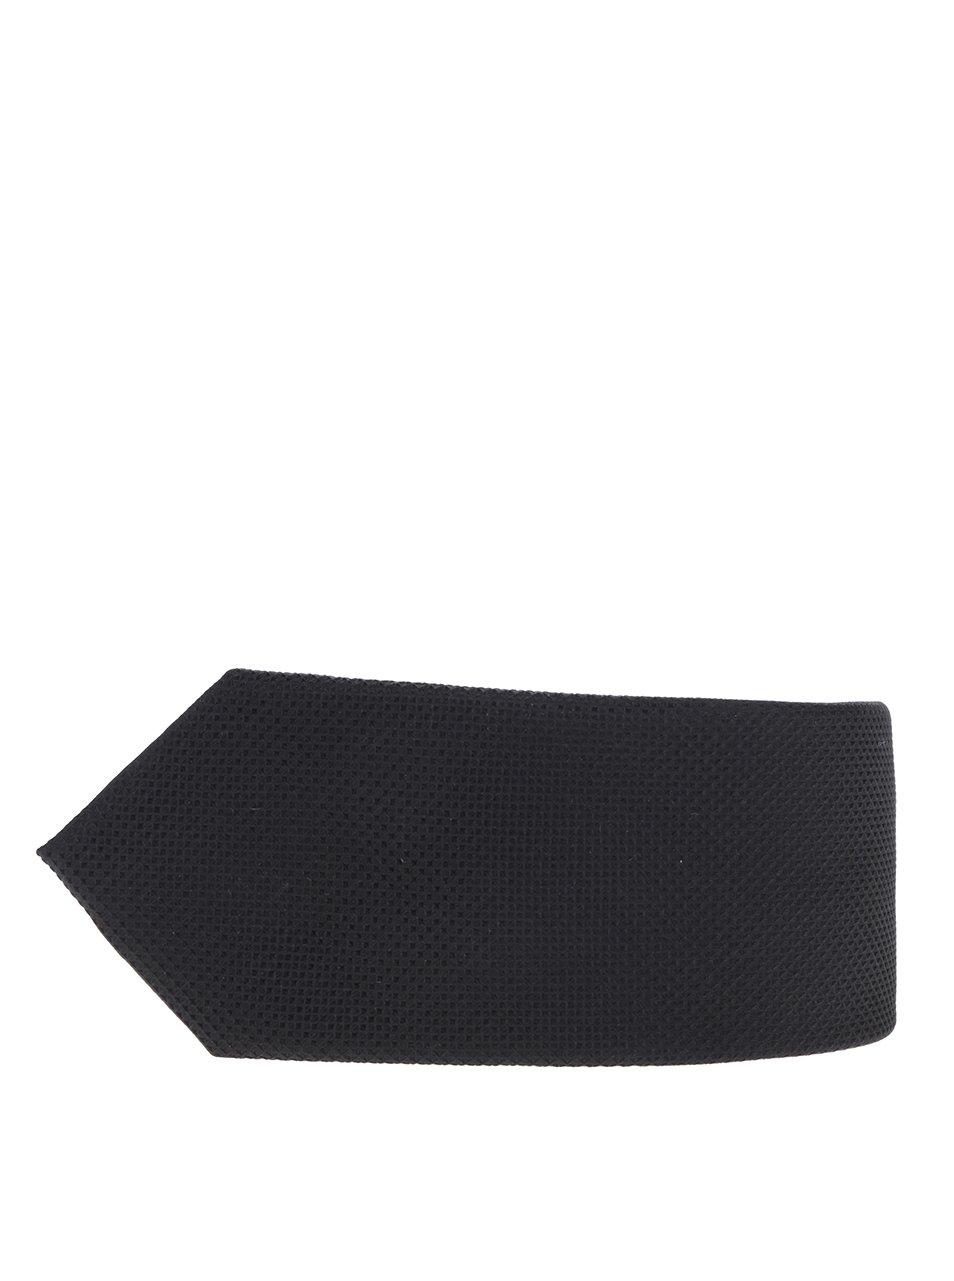 Černá hedvábná kravata s jemným vzorem Jack & Jones Premium Colombia